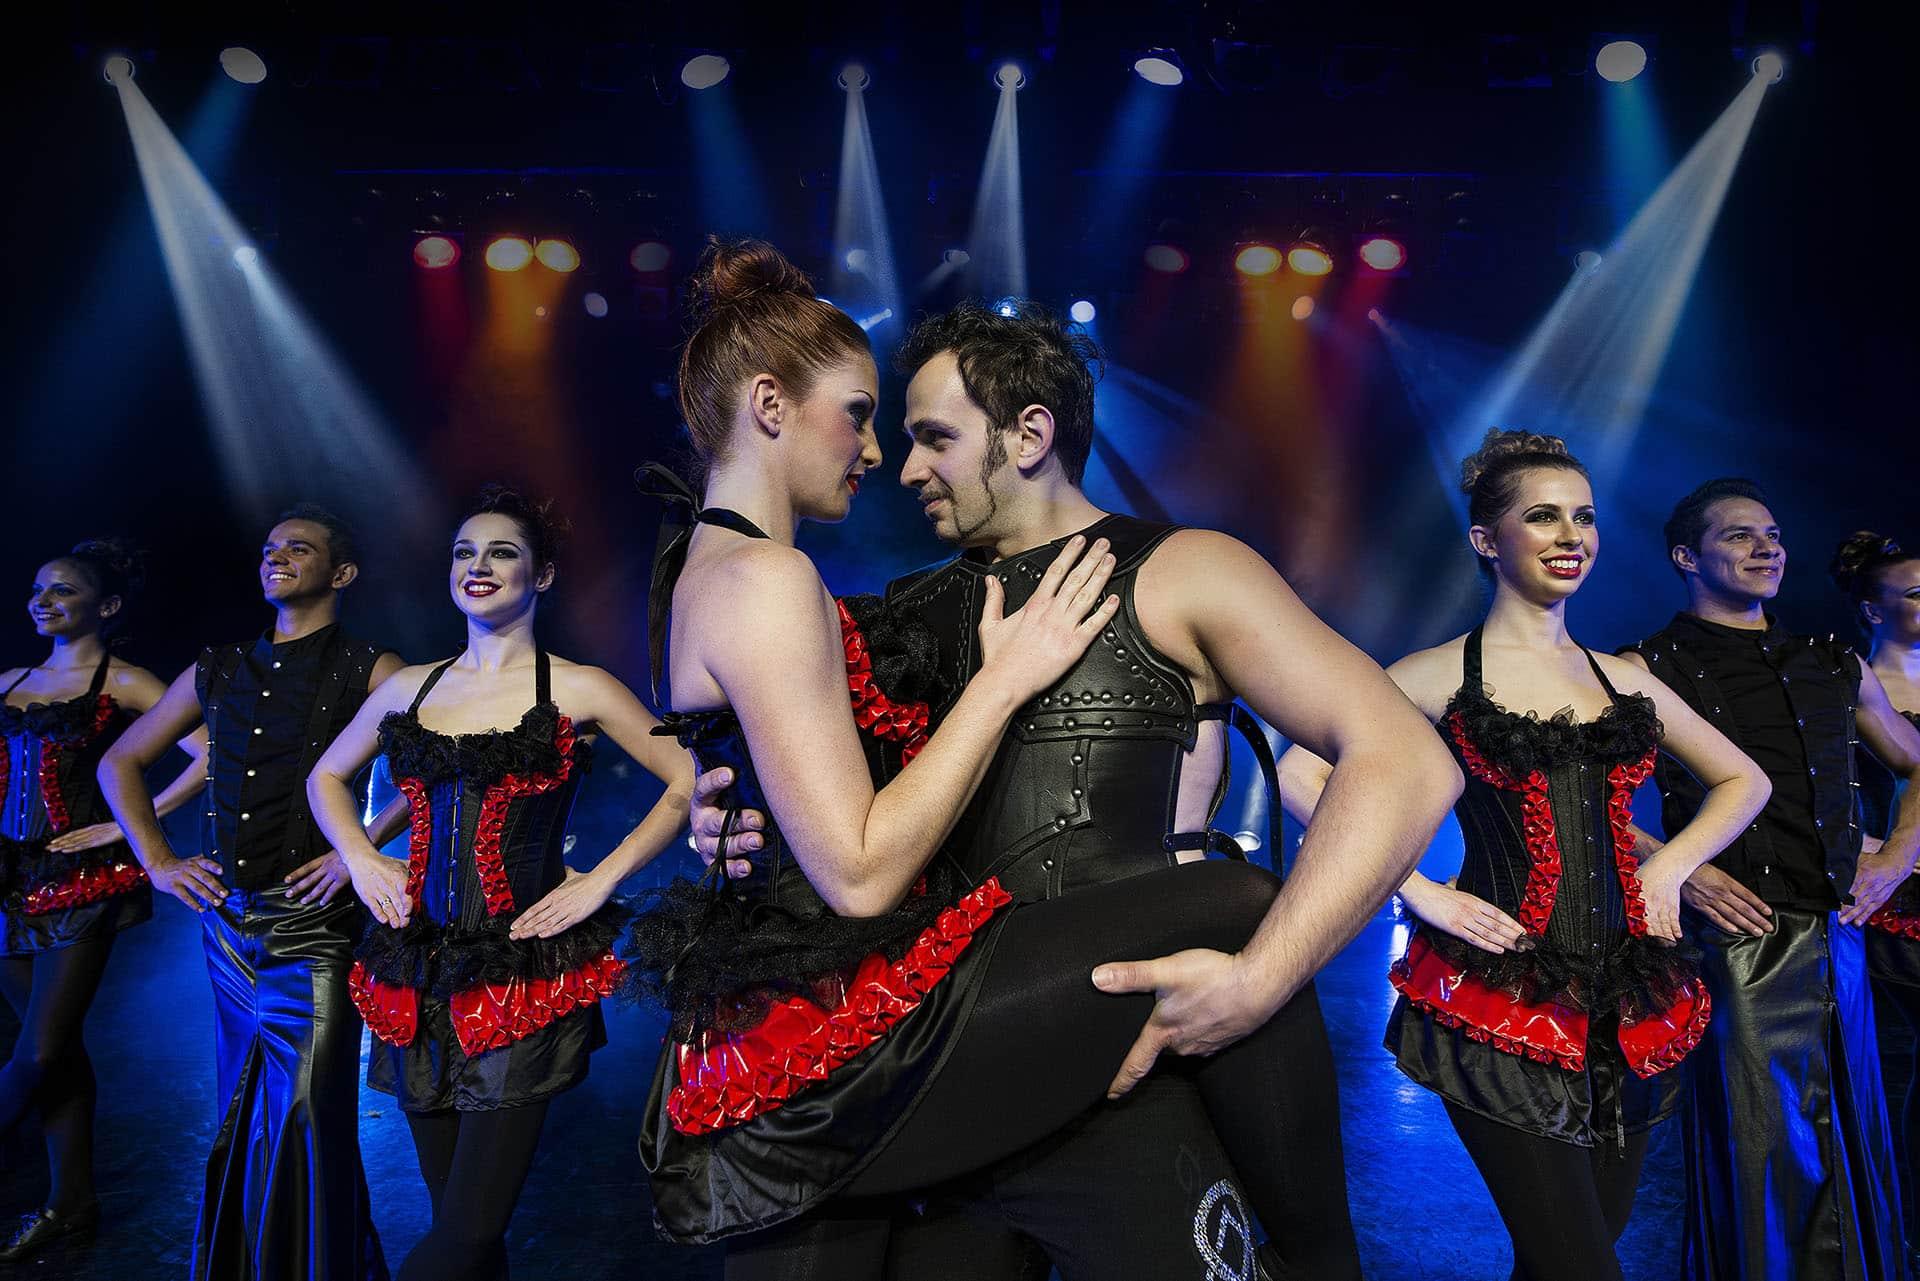 dsp2 - Show et Spectacle de danse à Dunkerque